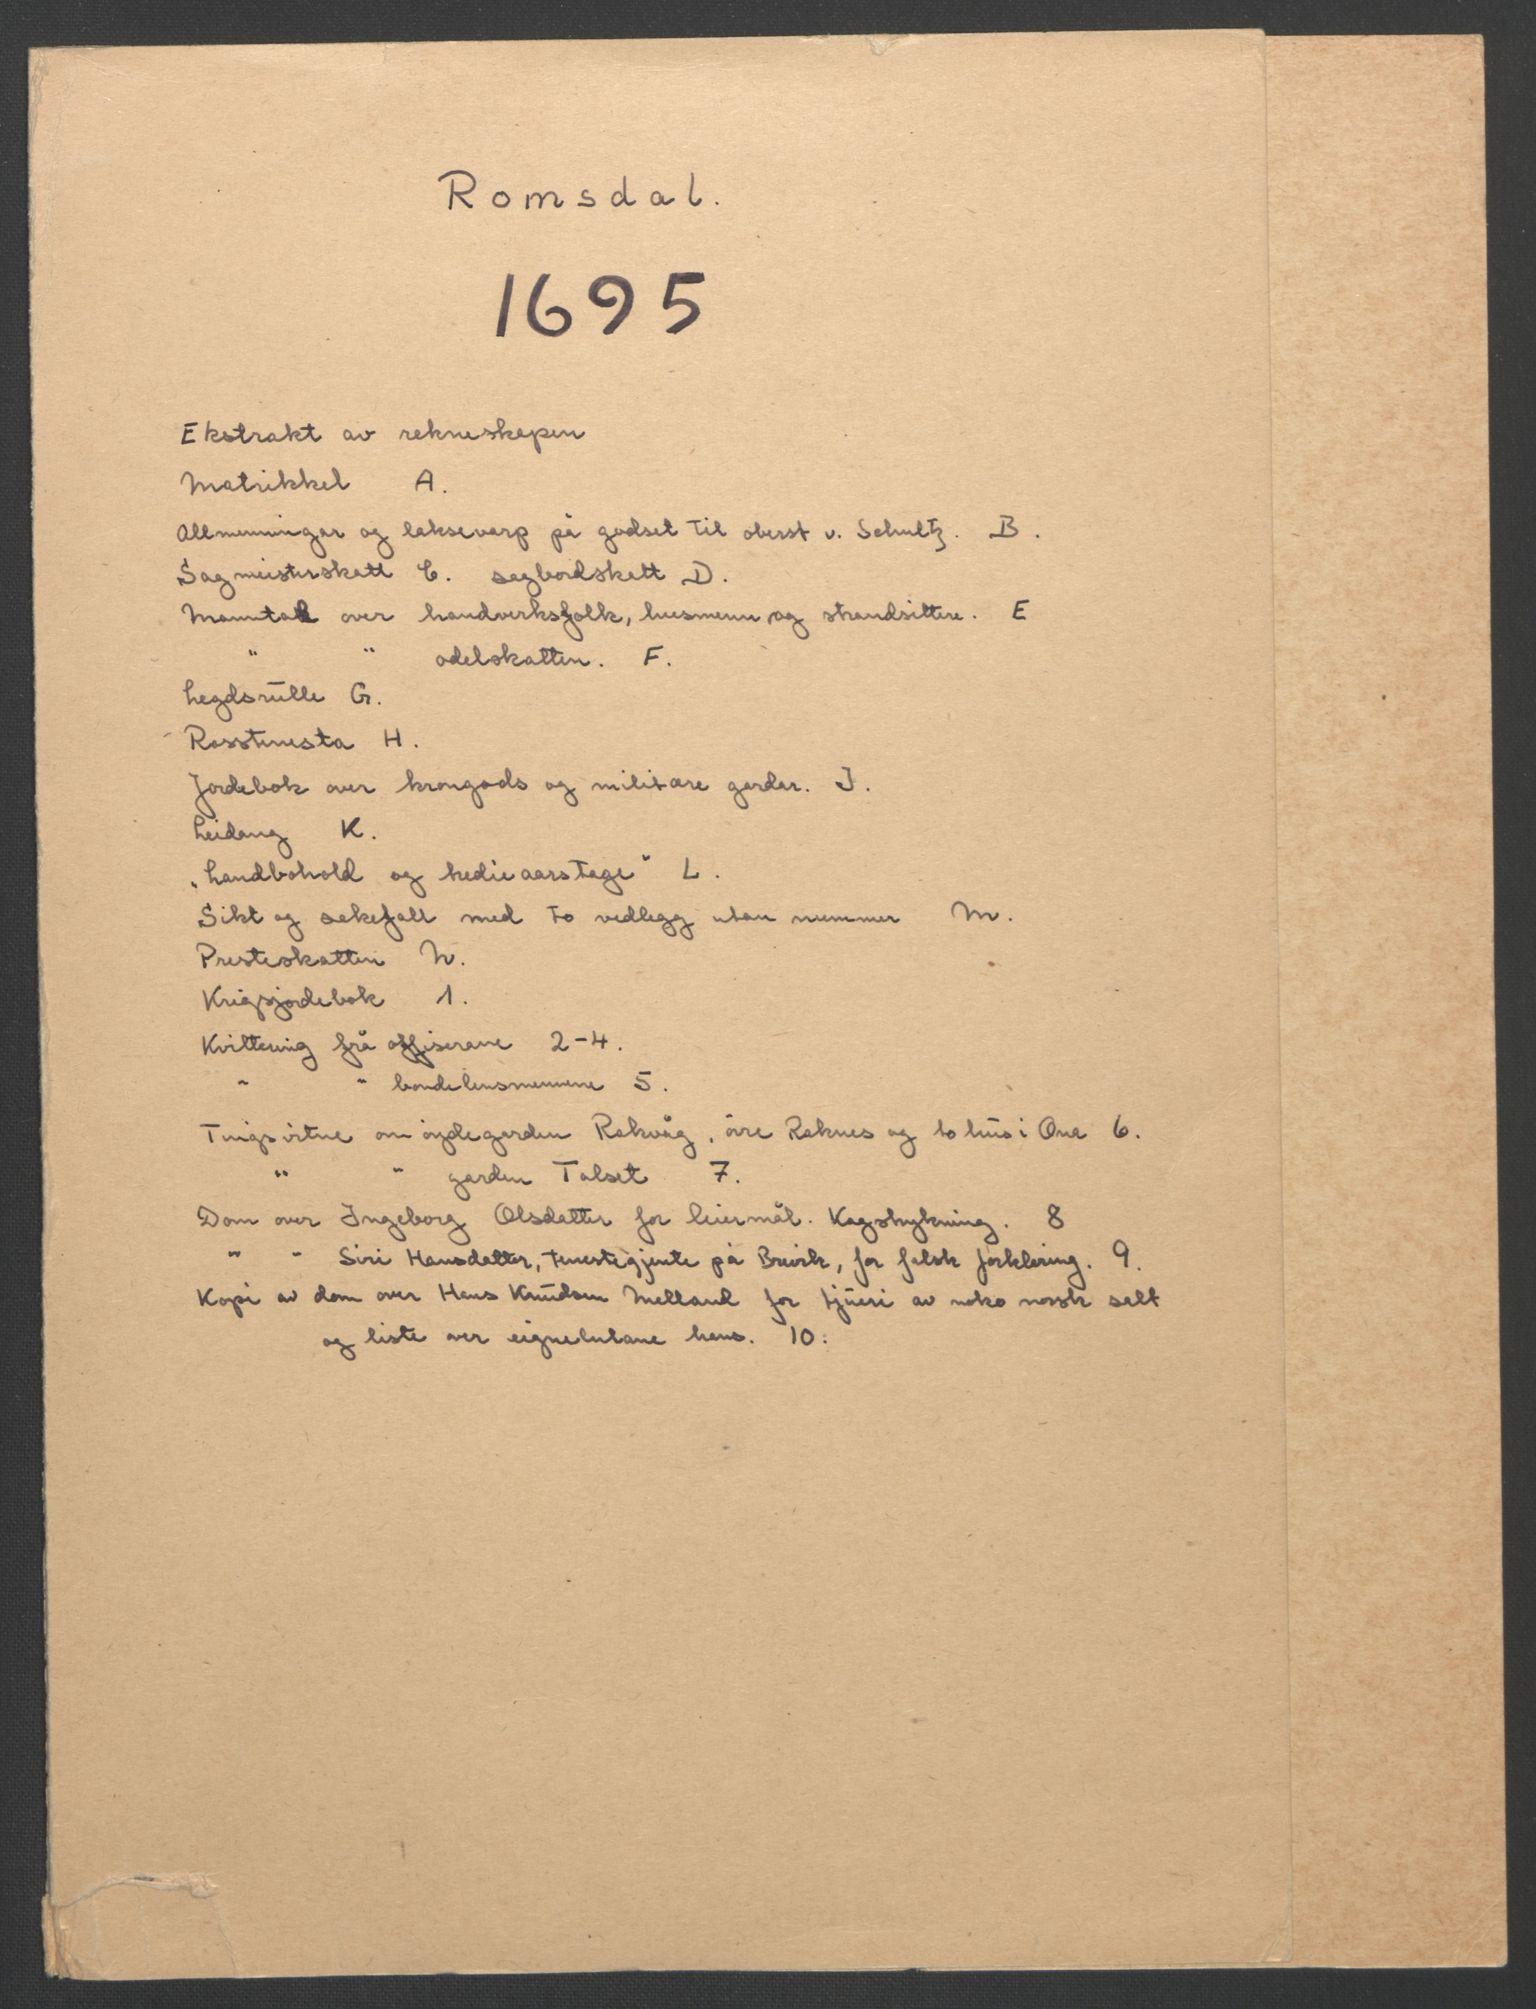 RA, Rentekammeret inntil 1814, Reviderte regnskaper, Fogderegnskap, R55/L3652: Fogderegnskap Romsdal, 1695-1696, s. 2